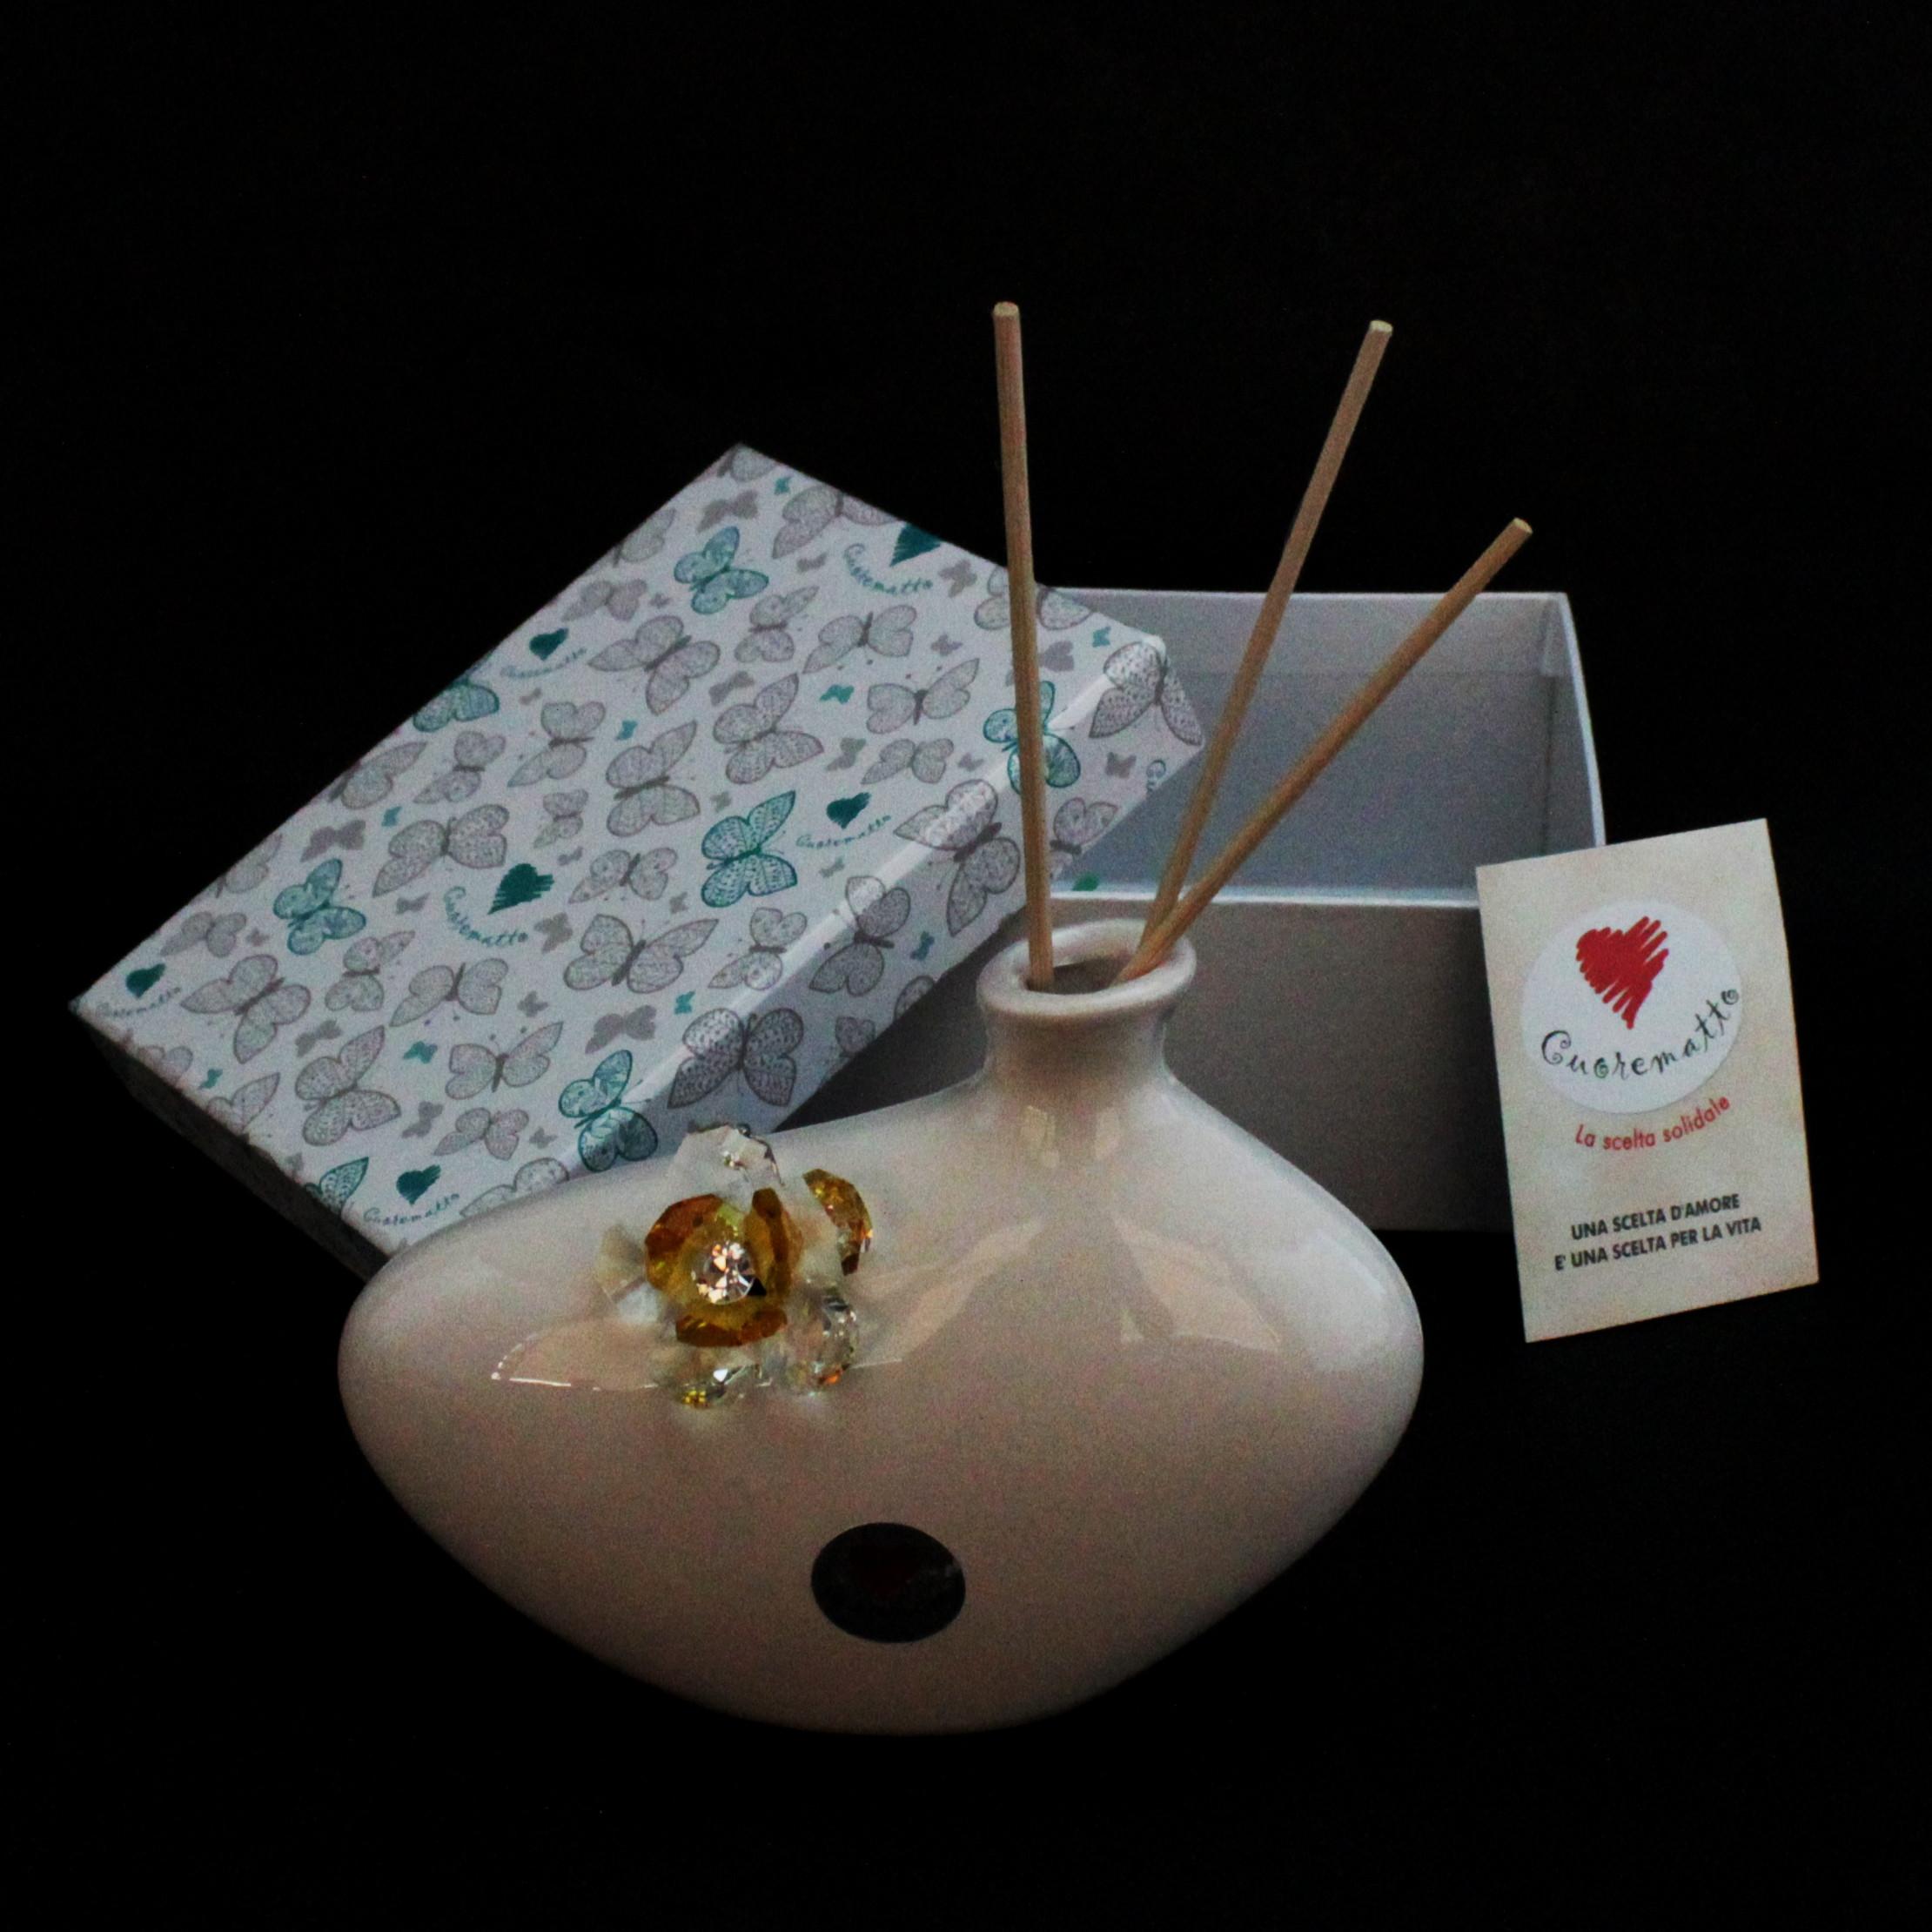 Profumatore in ceramica con fiore cristallo_Giallo